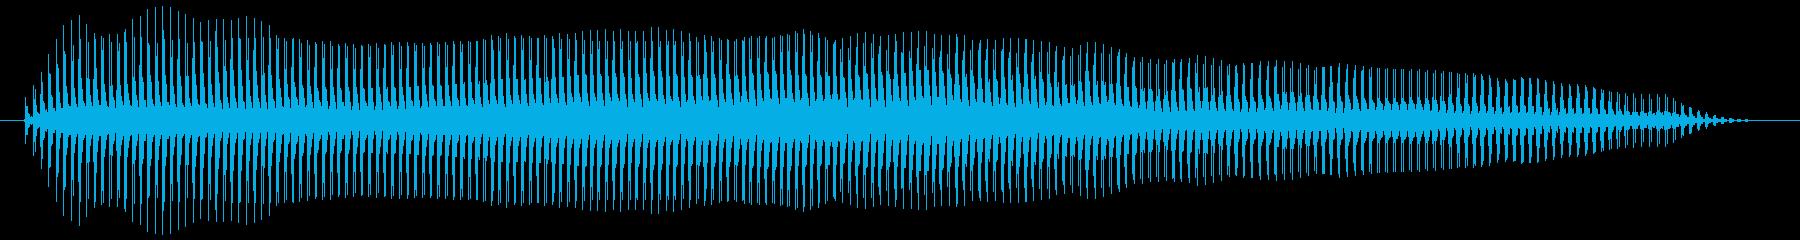 牛の鳴き声 (チープ) モーゥの再生済みの波形